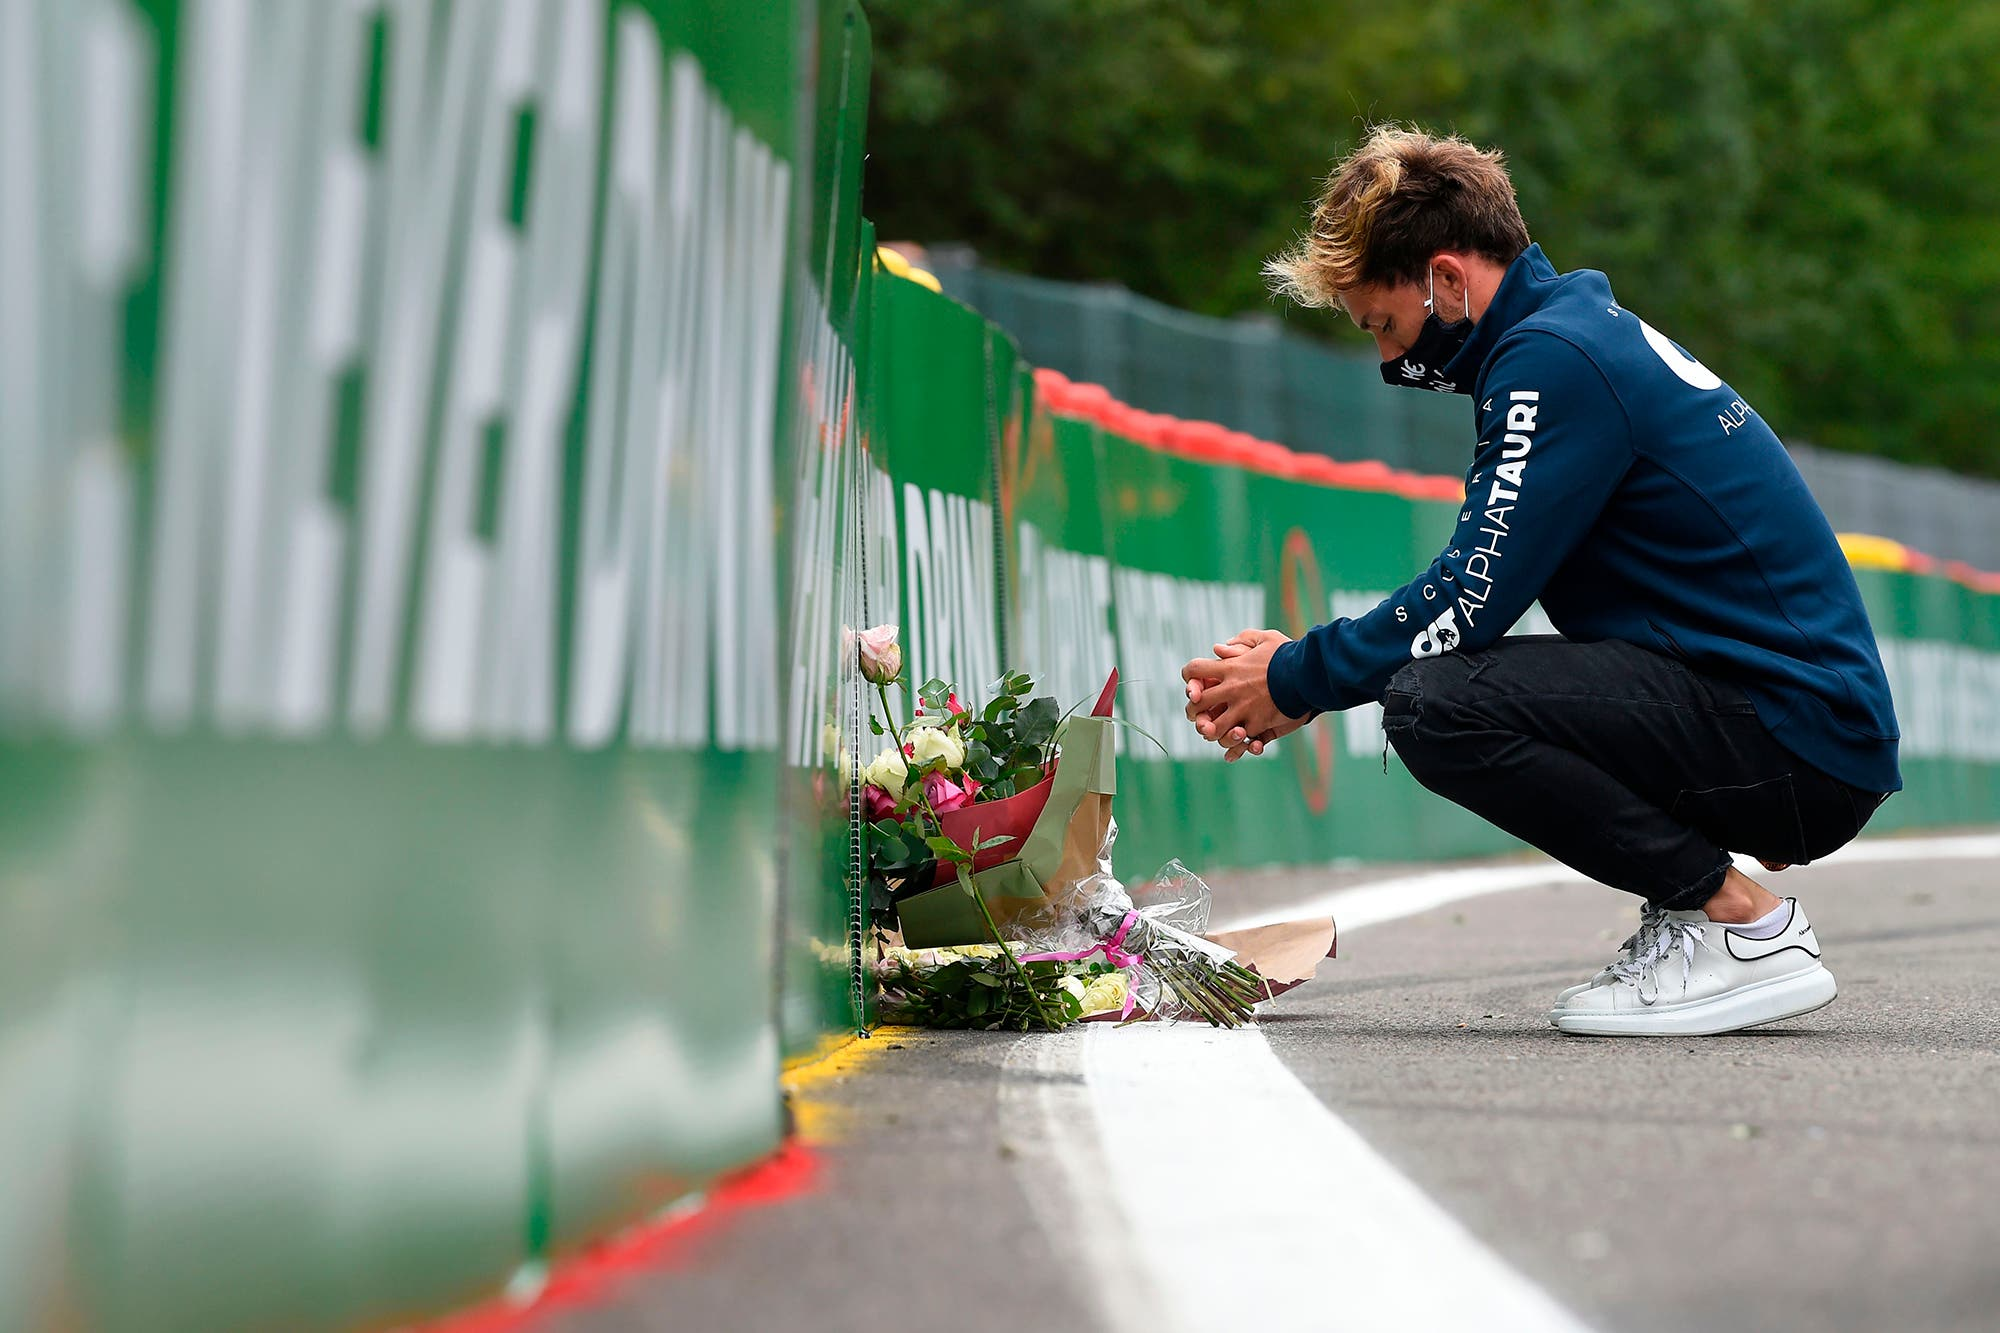 Fórmula 1. La hora de Spa-Francorchamps, un escenario histórico y el recuerdo de la tragedia de 2019